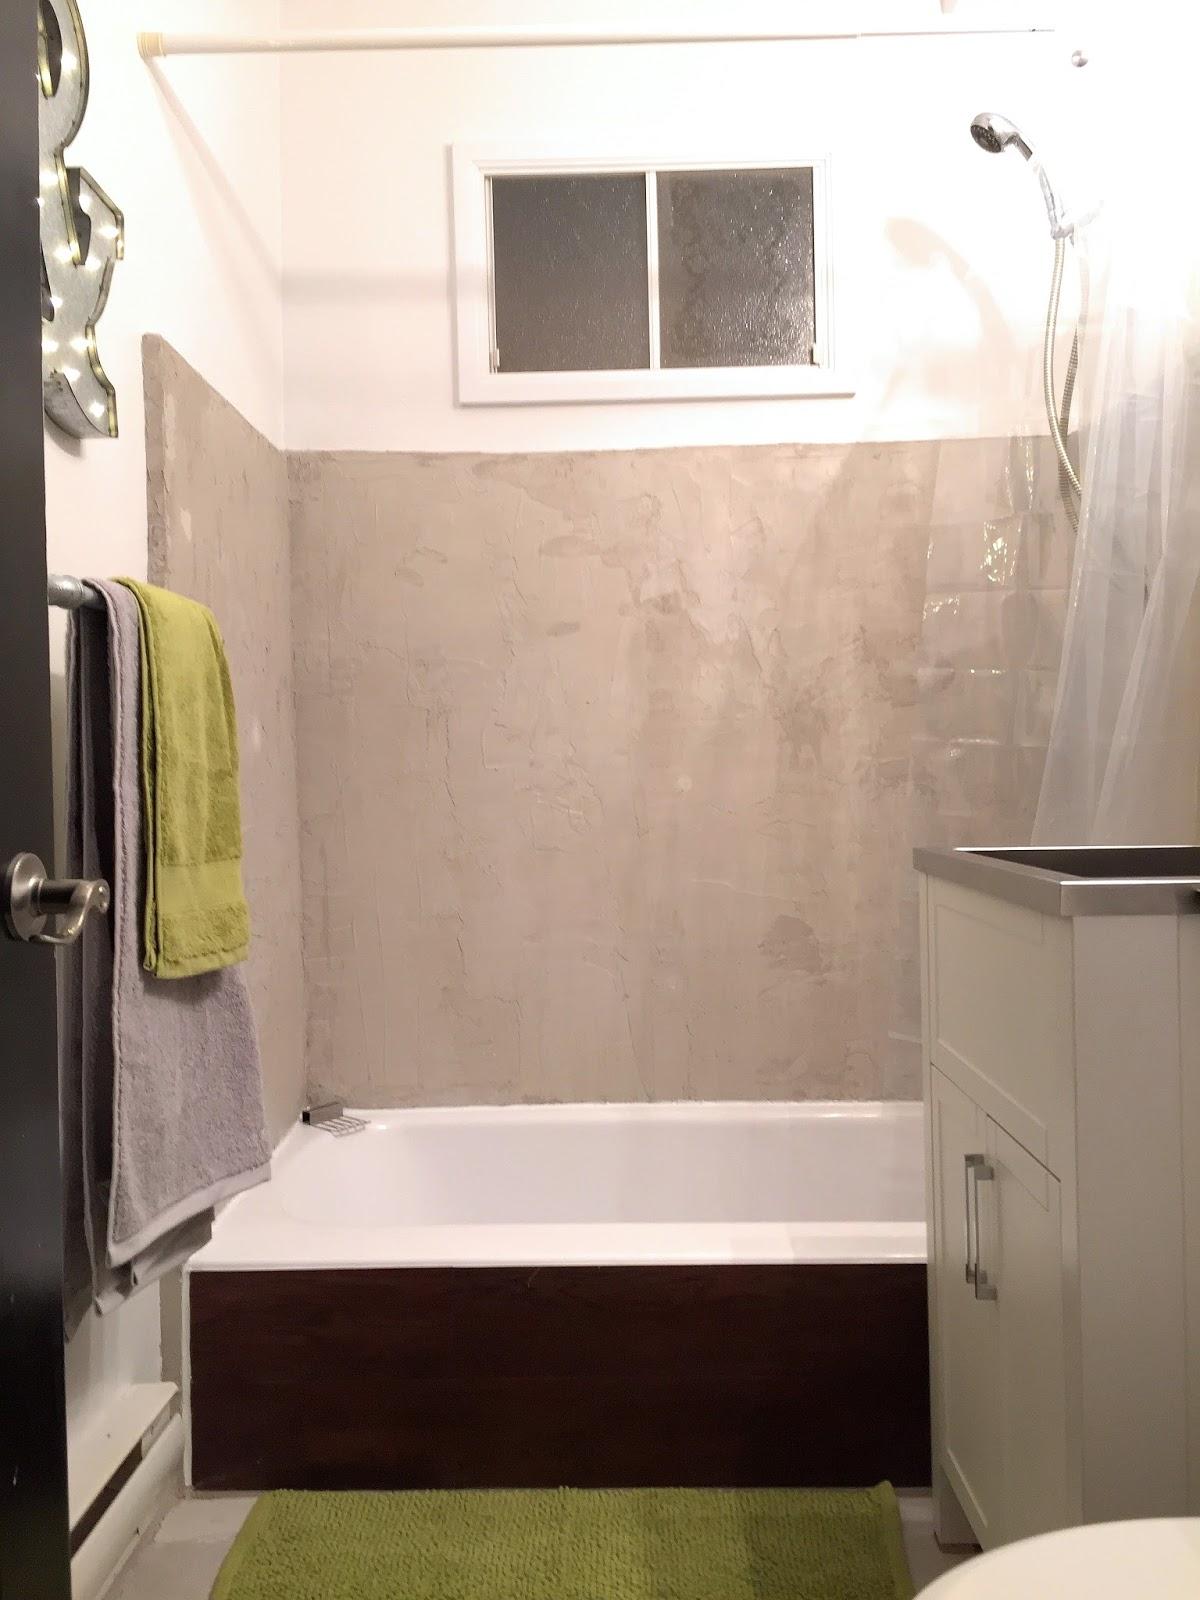 unik home staging r novation d 39 une salle de bain de style industriel pour moins de 1000. Black Bedroom Furniture Sets. Home Design Ideas